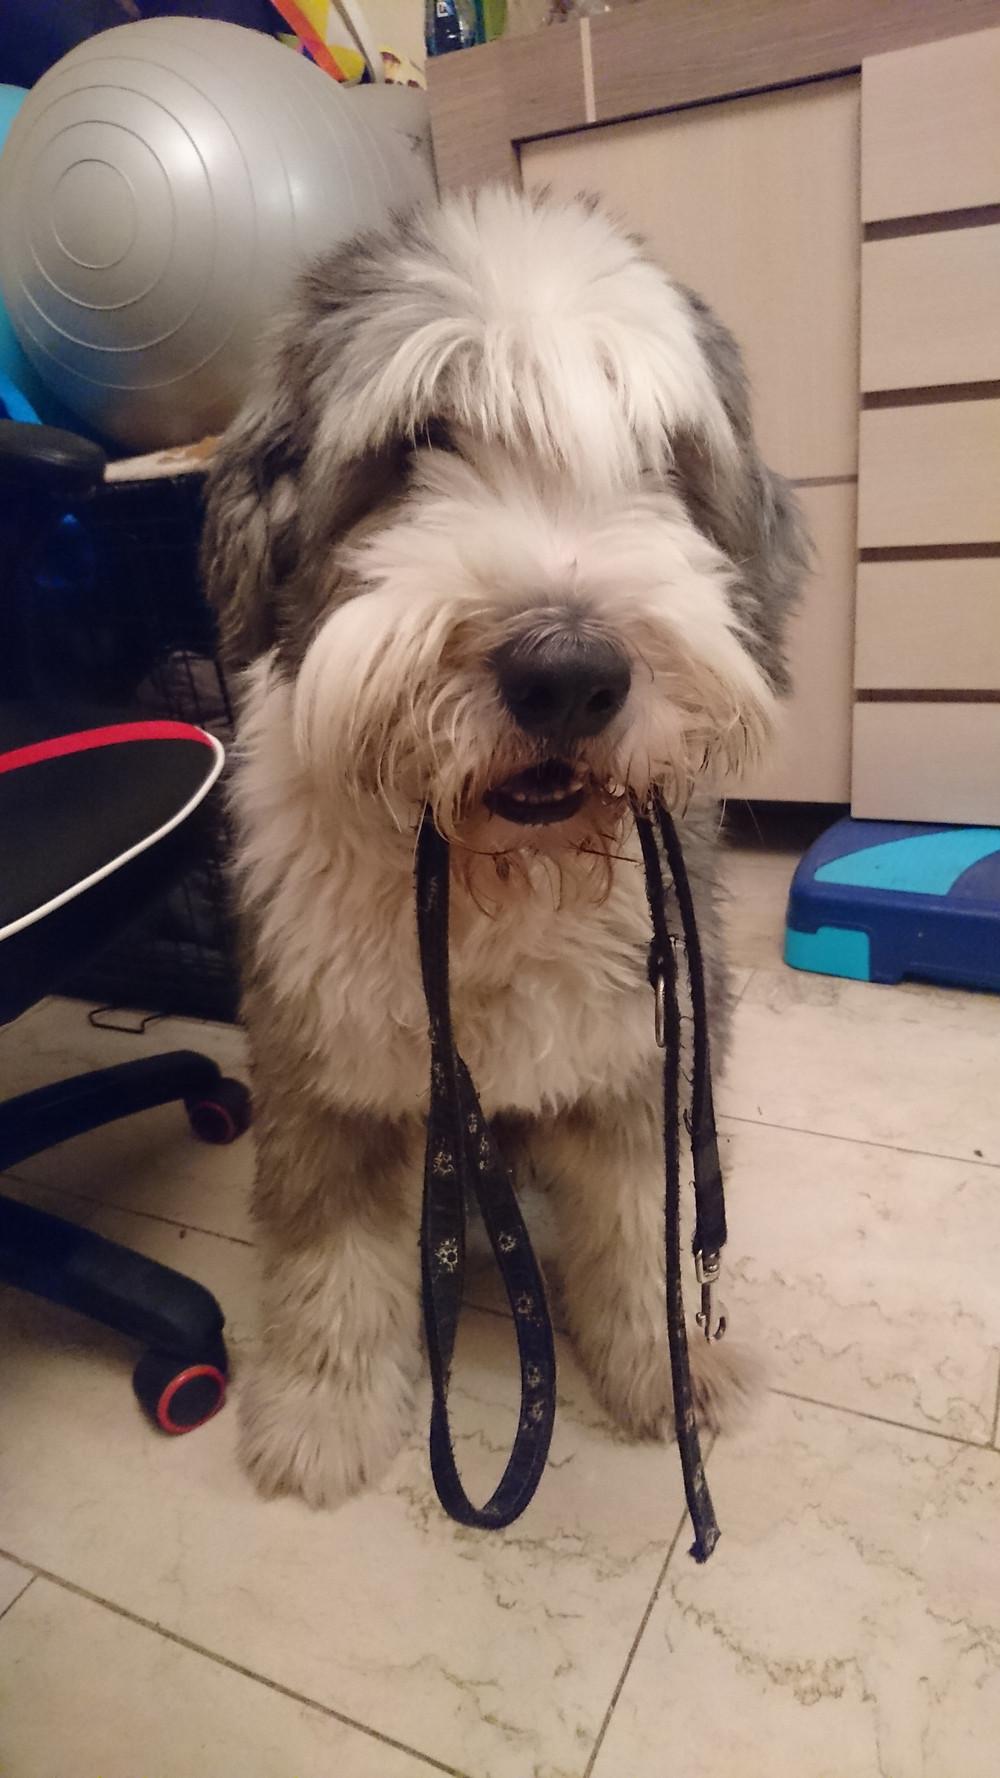 Dostępna na wysokości głowa psa smycz może pomóc mu w wyrażaniu prośby o wyjście na spacer